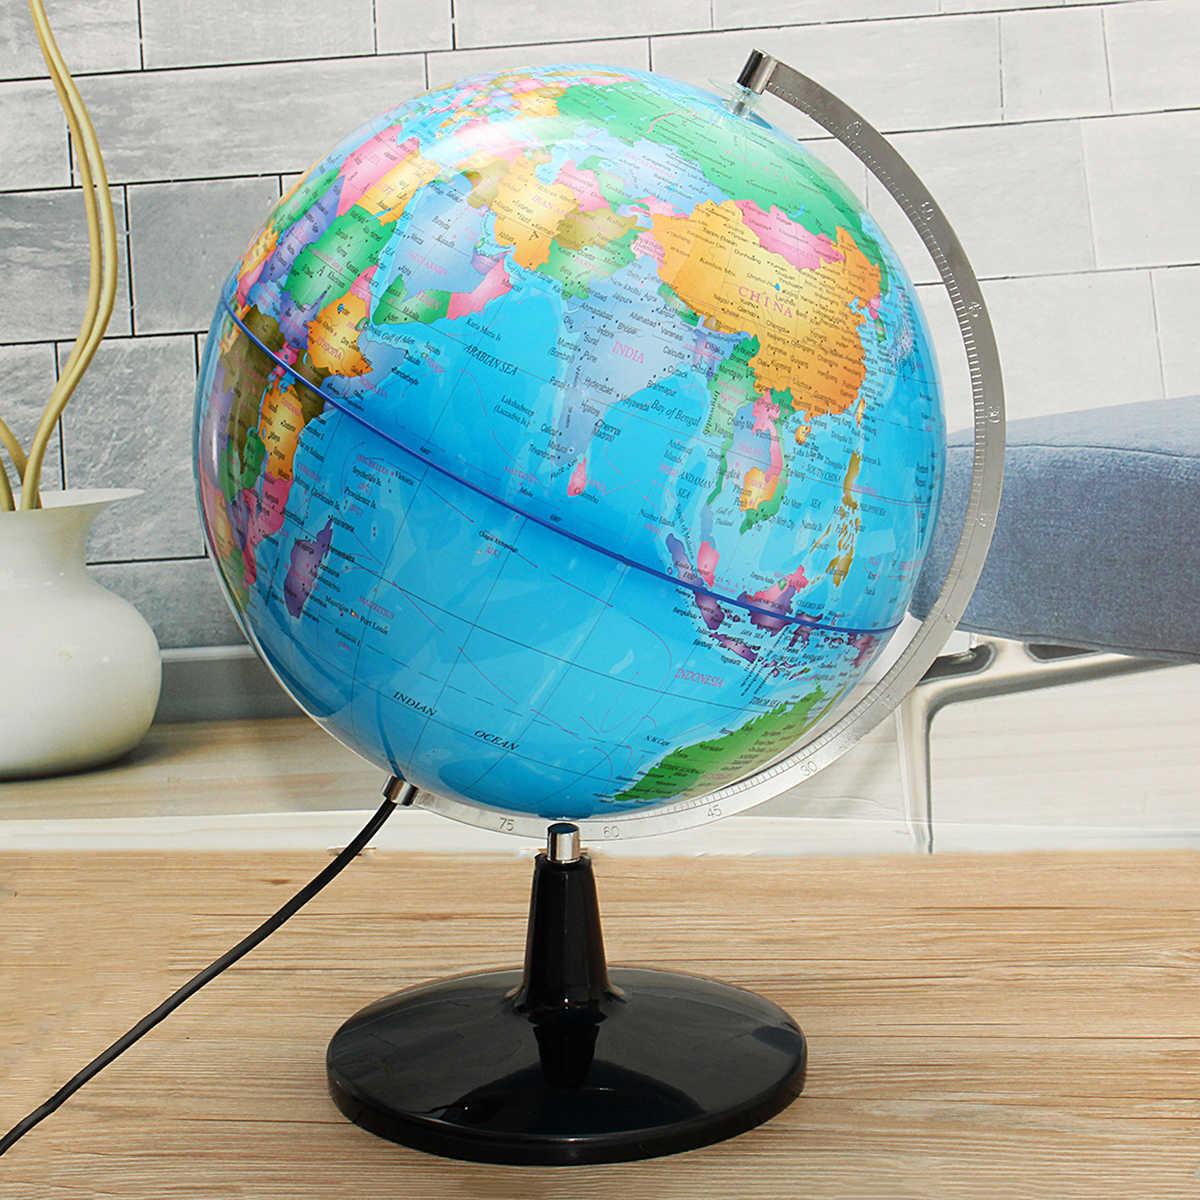 32 سنتيمتر مجسم للكرة الأرضية على حامل معدني خريطة الأرض الإضاءة الأرضية خريطة كرة أرضية جغرافيا الأطفال التعليمية غلوب المنزل مكتب المعونة المنمنمات